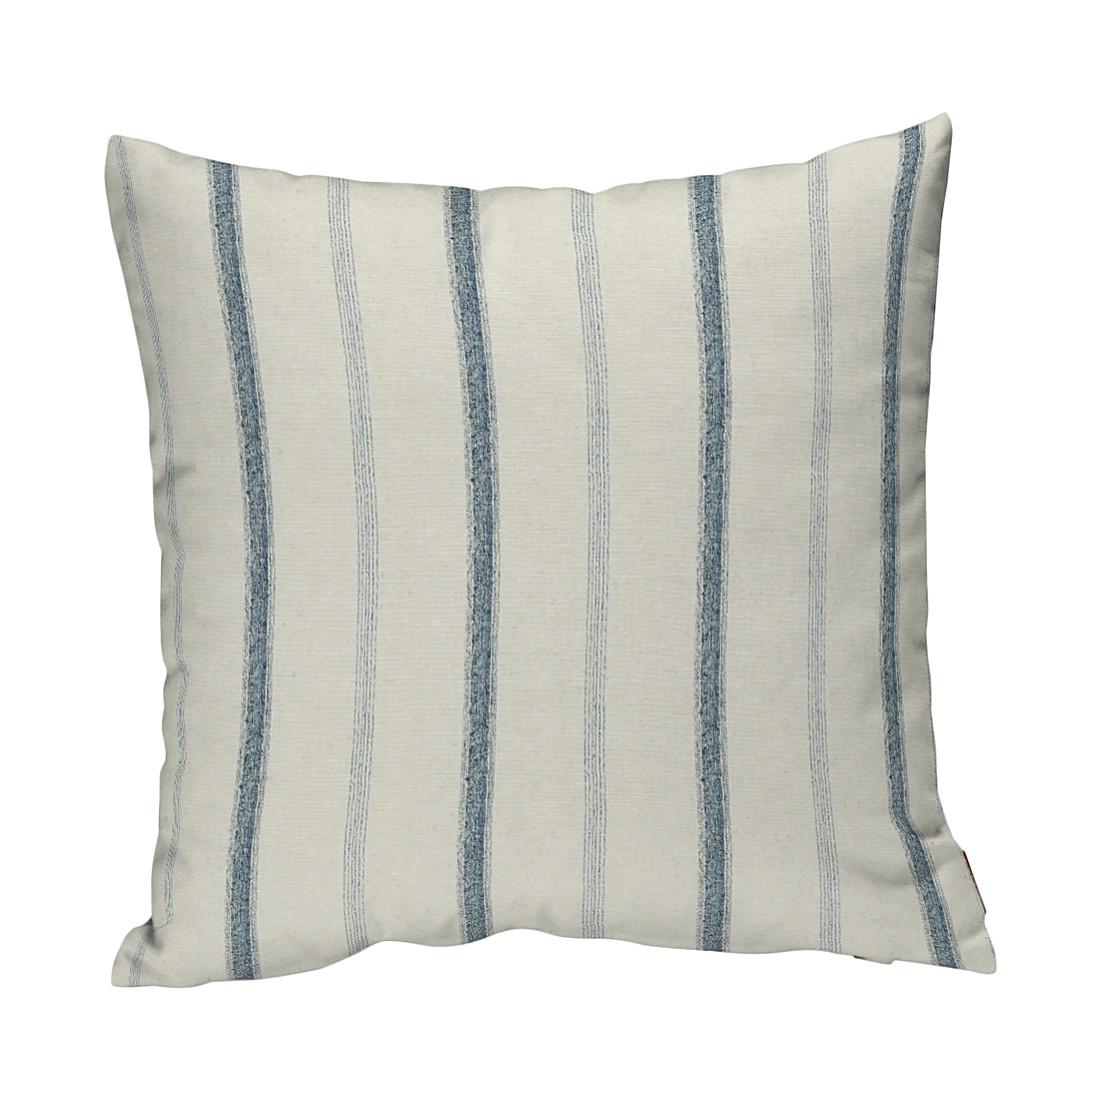 Kissenhülle – Creme/Blau Streifen – 43×43 cm, Dekoria jetzt kaufen